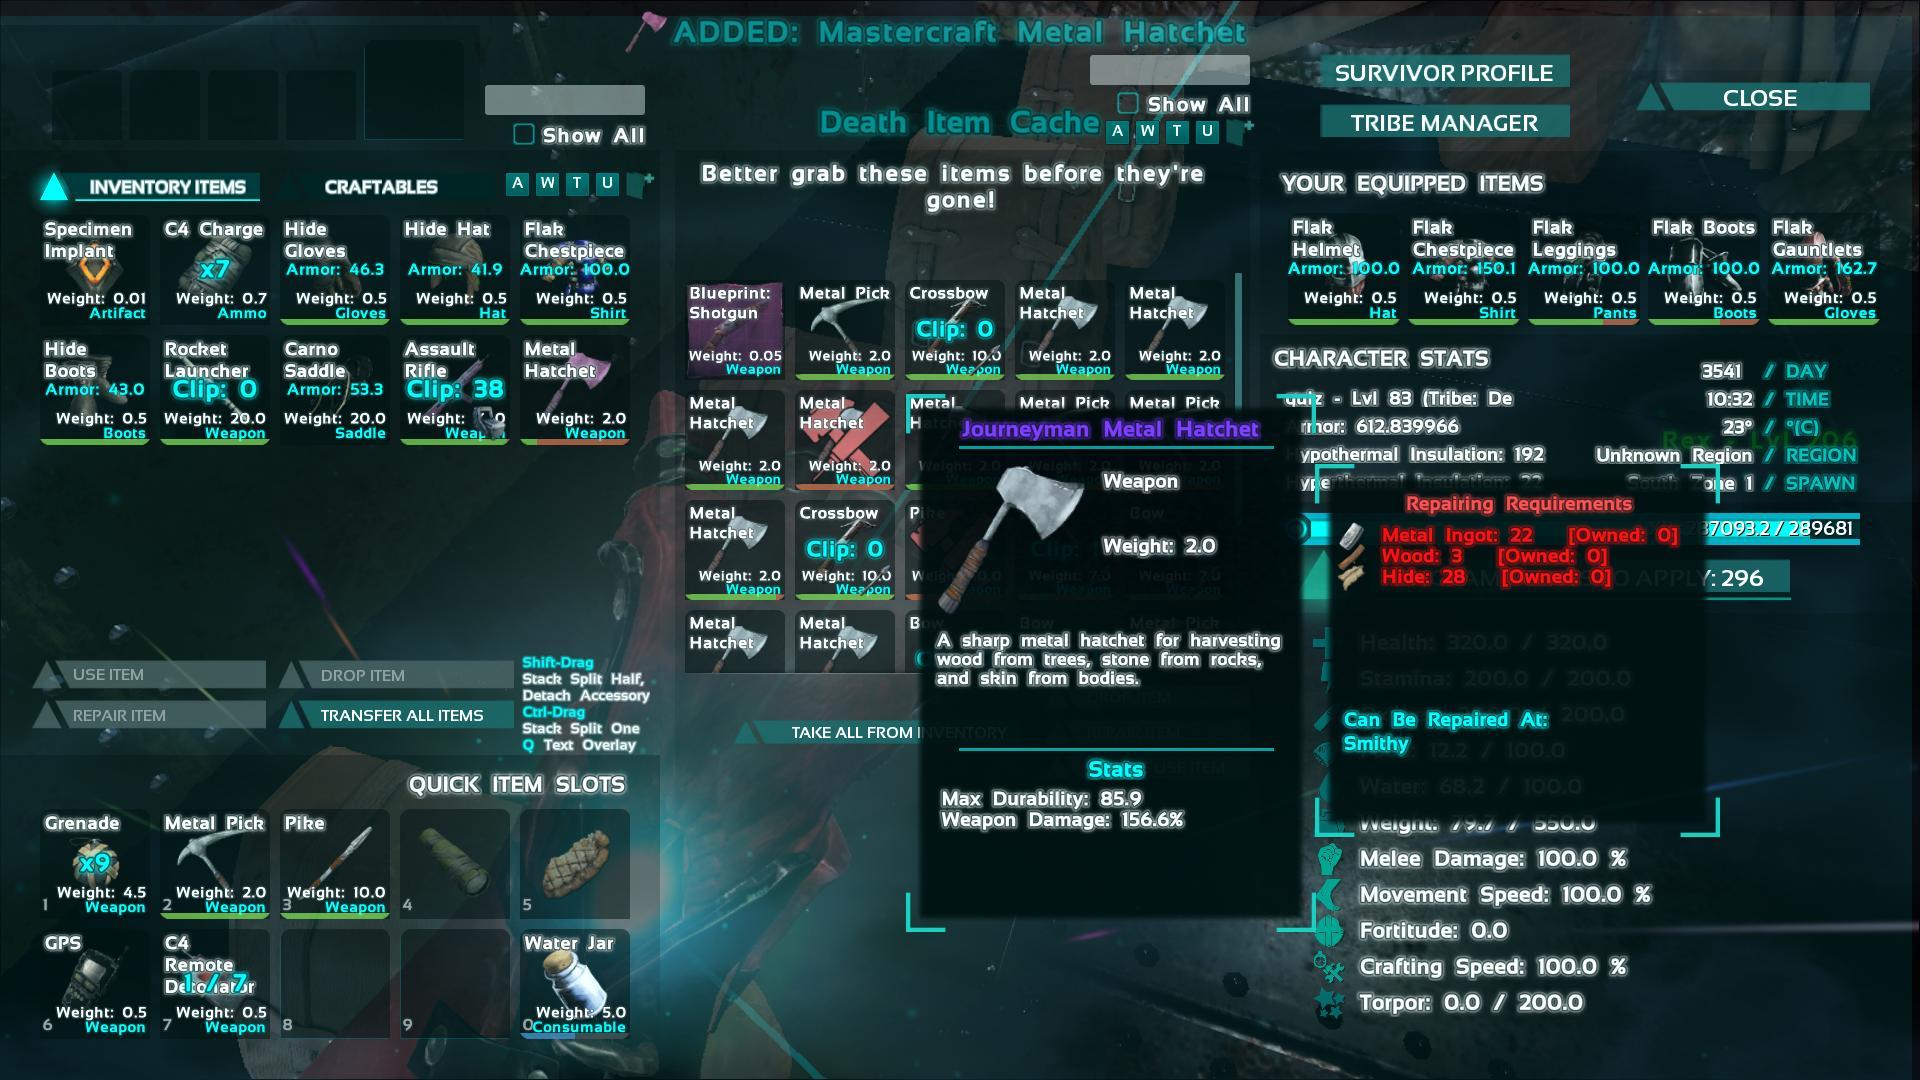 Journeyman metal hatchet ark screenshot gamingcfg journeyman metal hatchet ark screenshot malvernweather Gallery